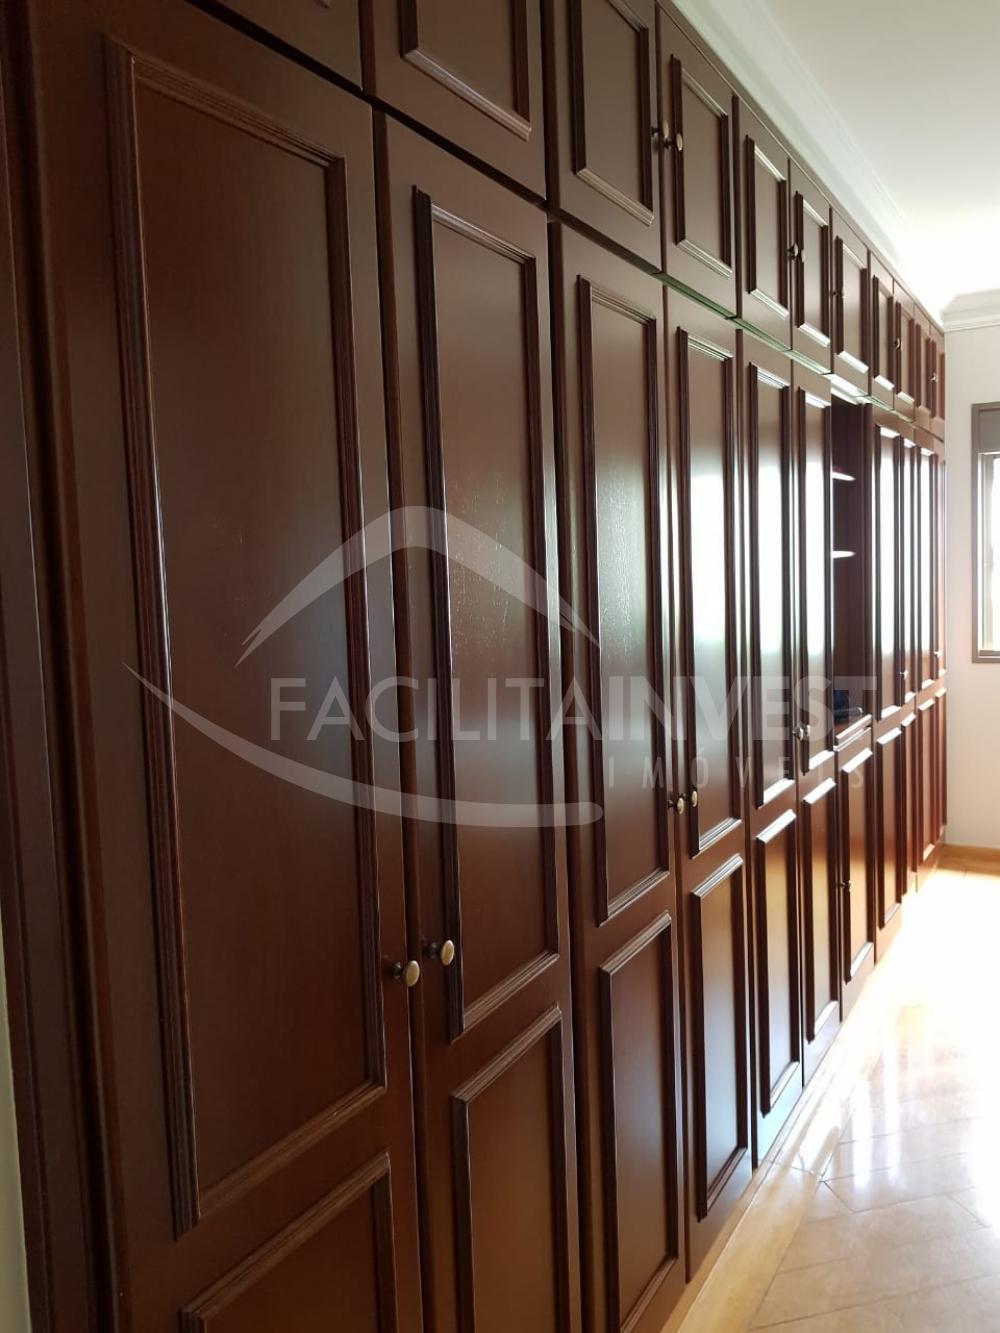 Comprar Apartamentos / Apart. Padrão em Ribeirão Preto apenas R$ 1.000.000,00 - Foto 18